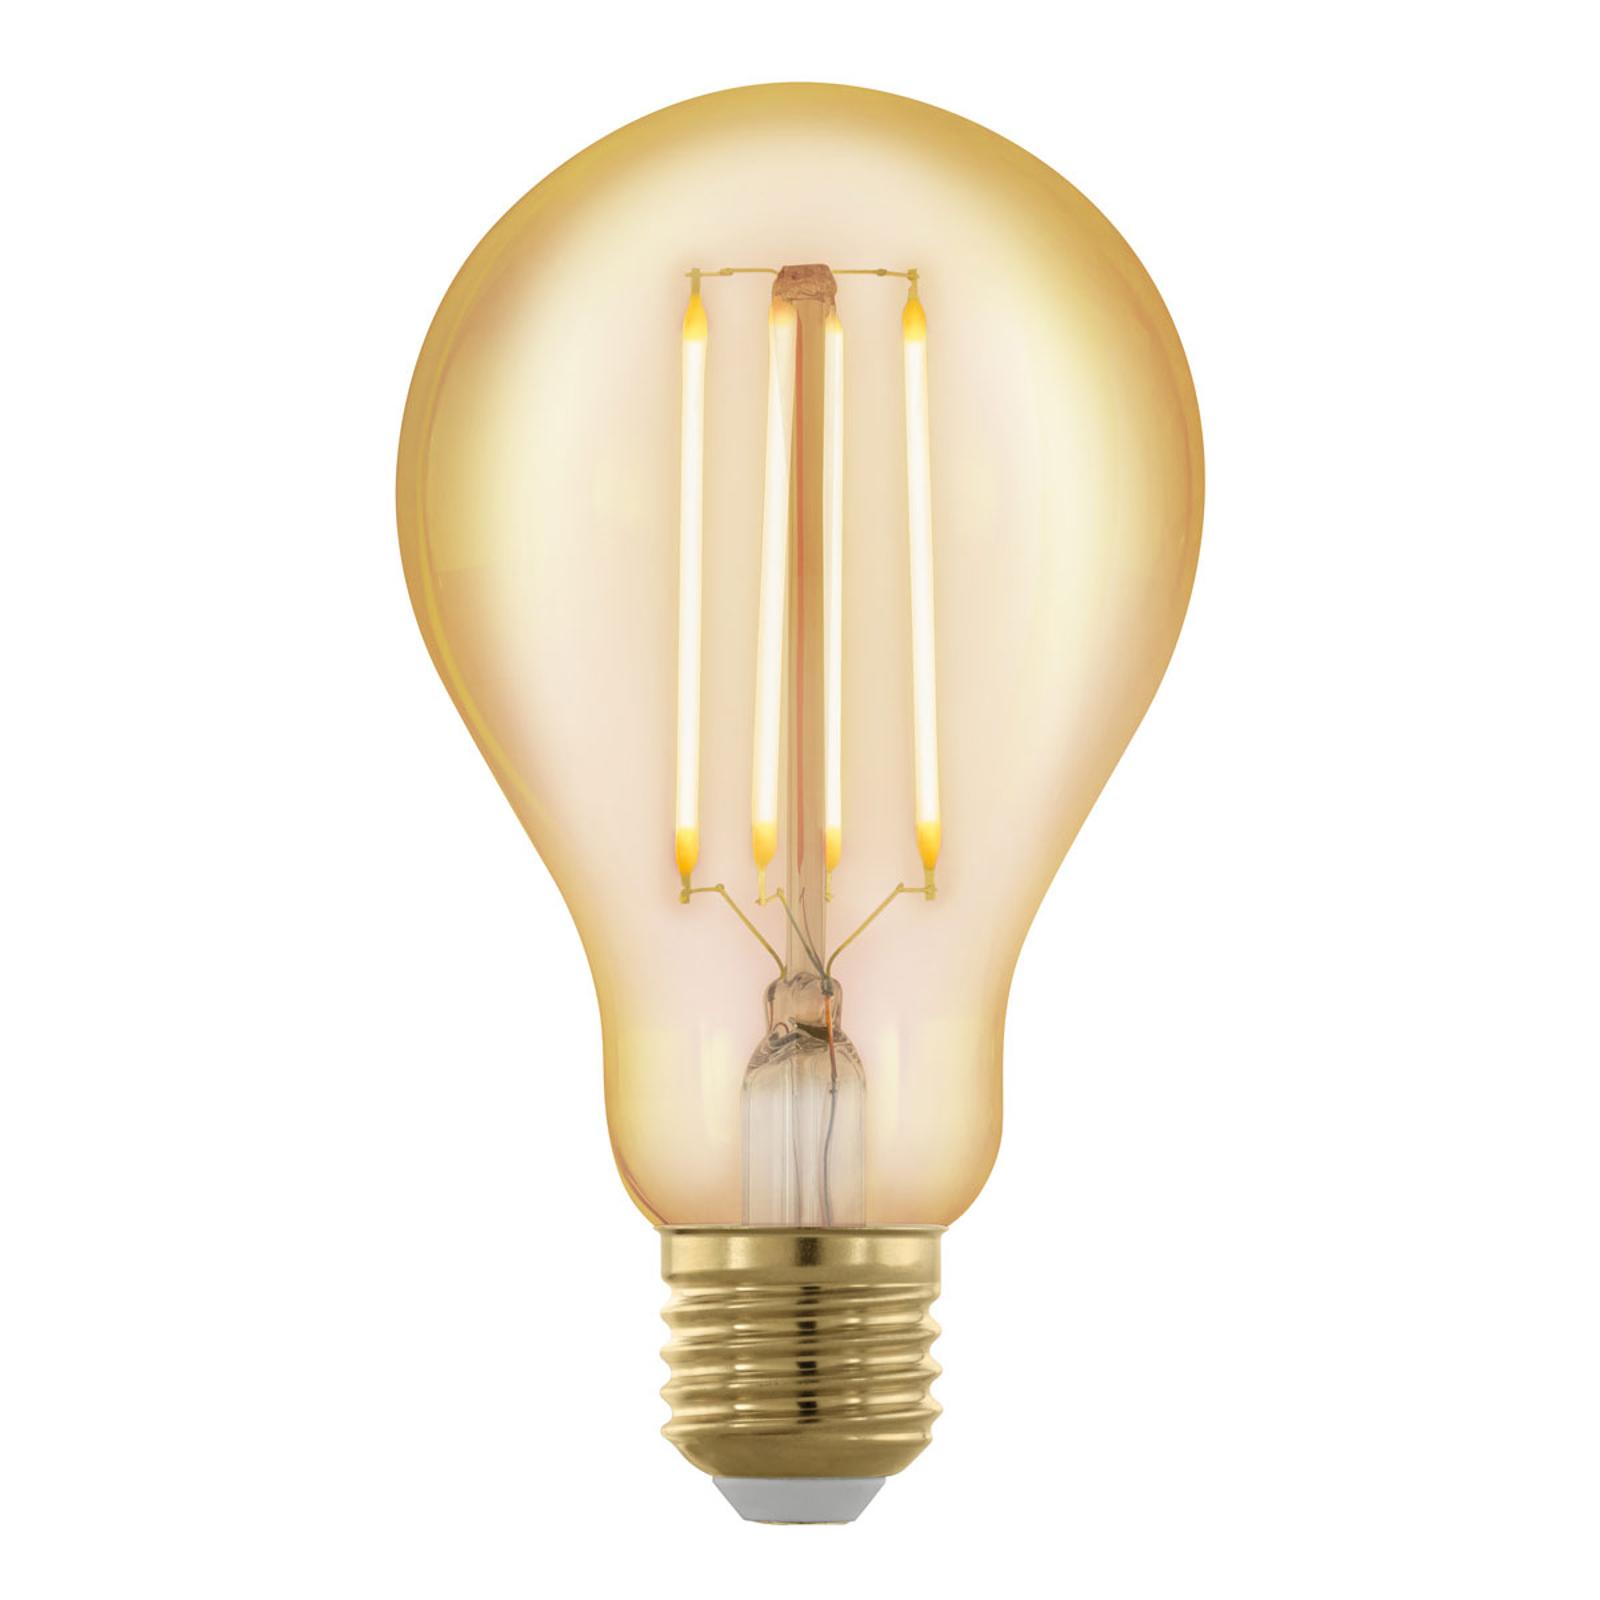 LED-Lampe E27 A75 4W Filament 1.700K gold, dimmbar